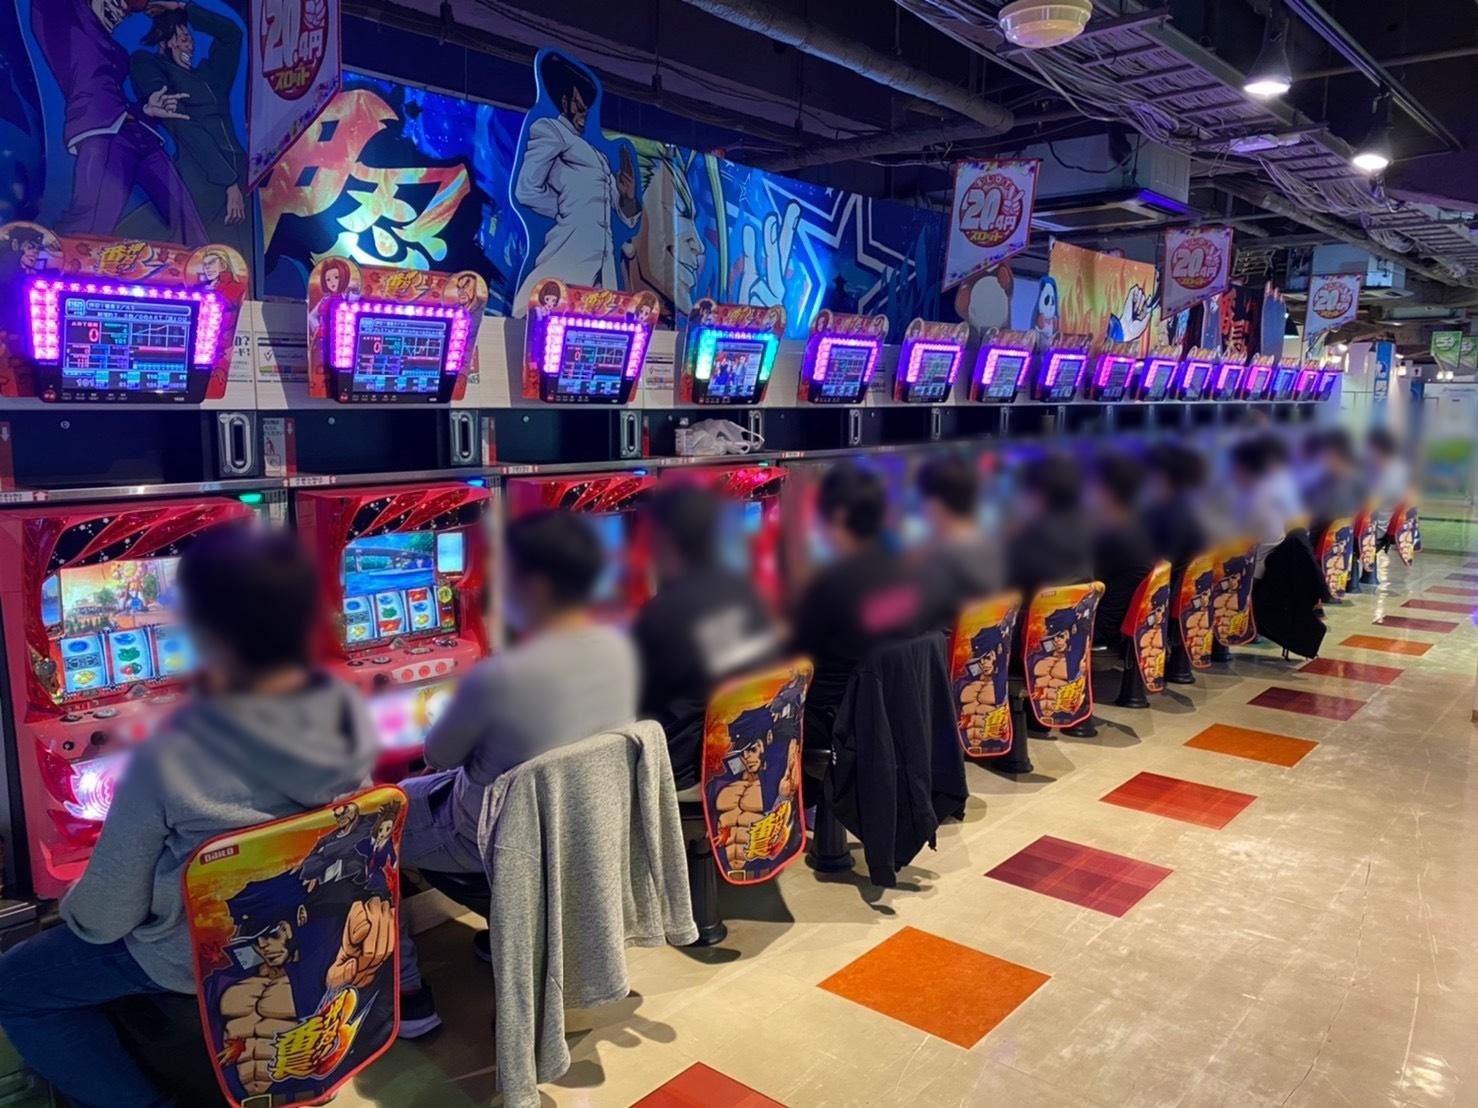 【大幅プラス!4台系吉宗3が全台プラス!】4/23 ヴィーナスギャラリー神戸店 結果報告!